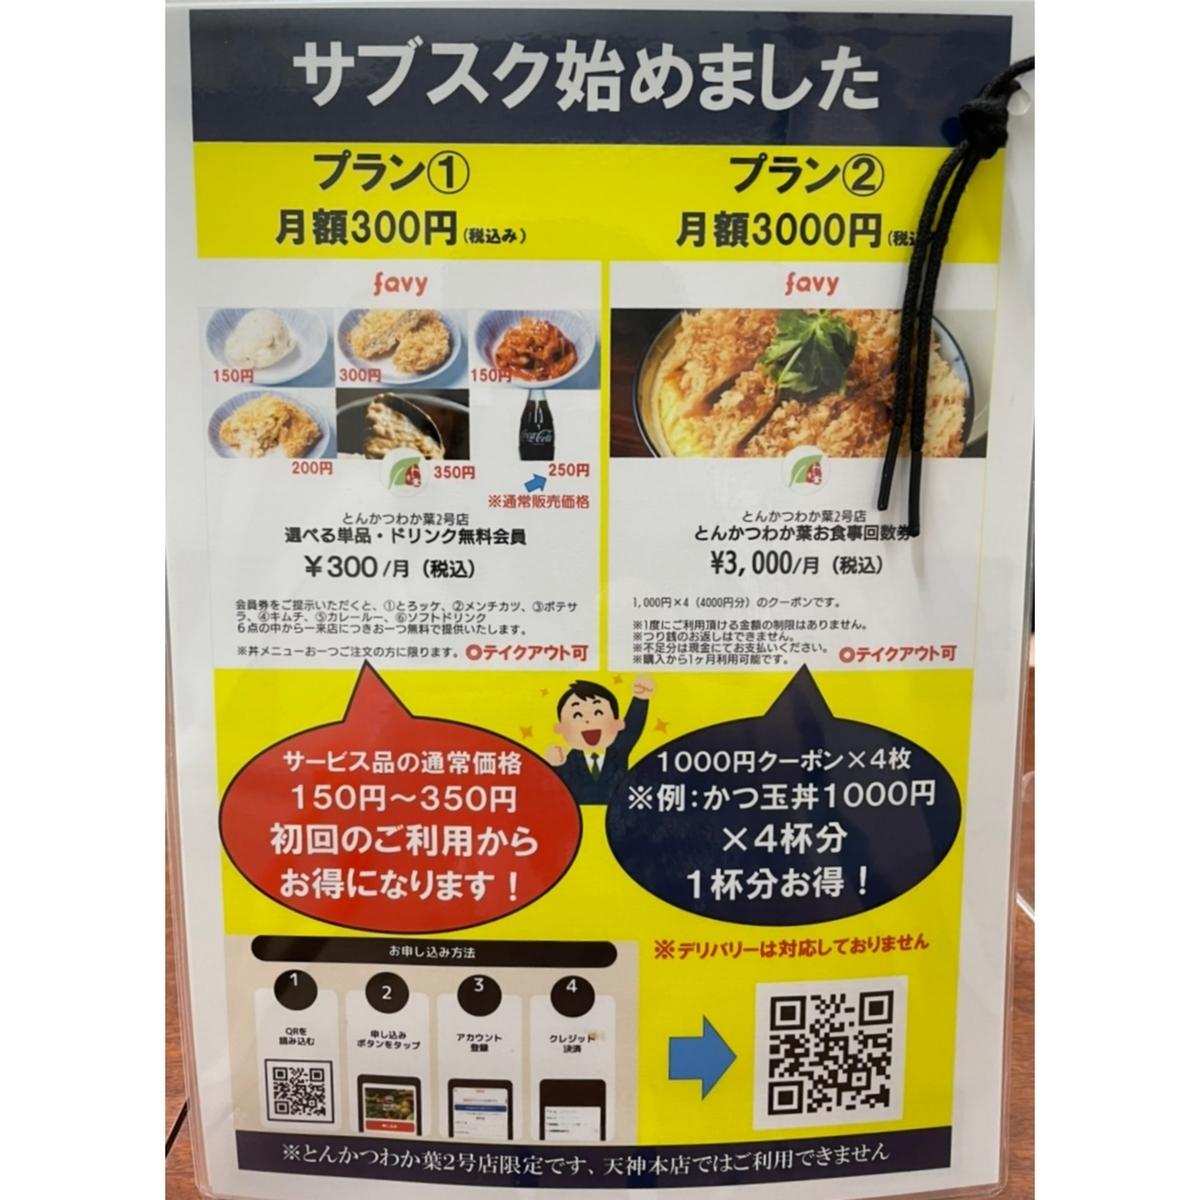 とんかつわか菜2号店 サブスク プラン内容 値段 方法 使い方 口コミ